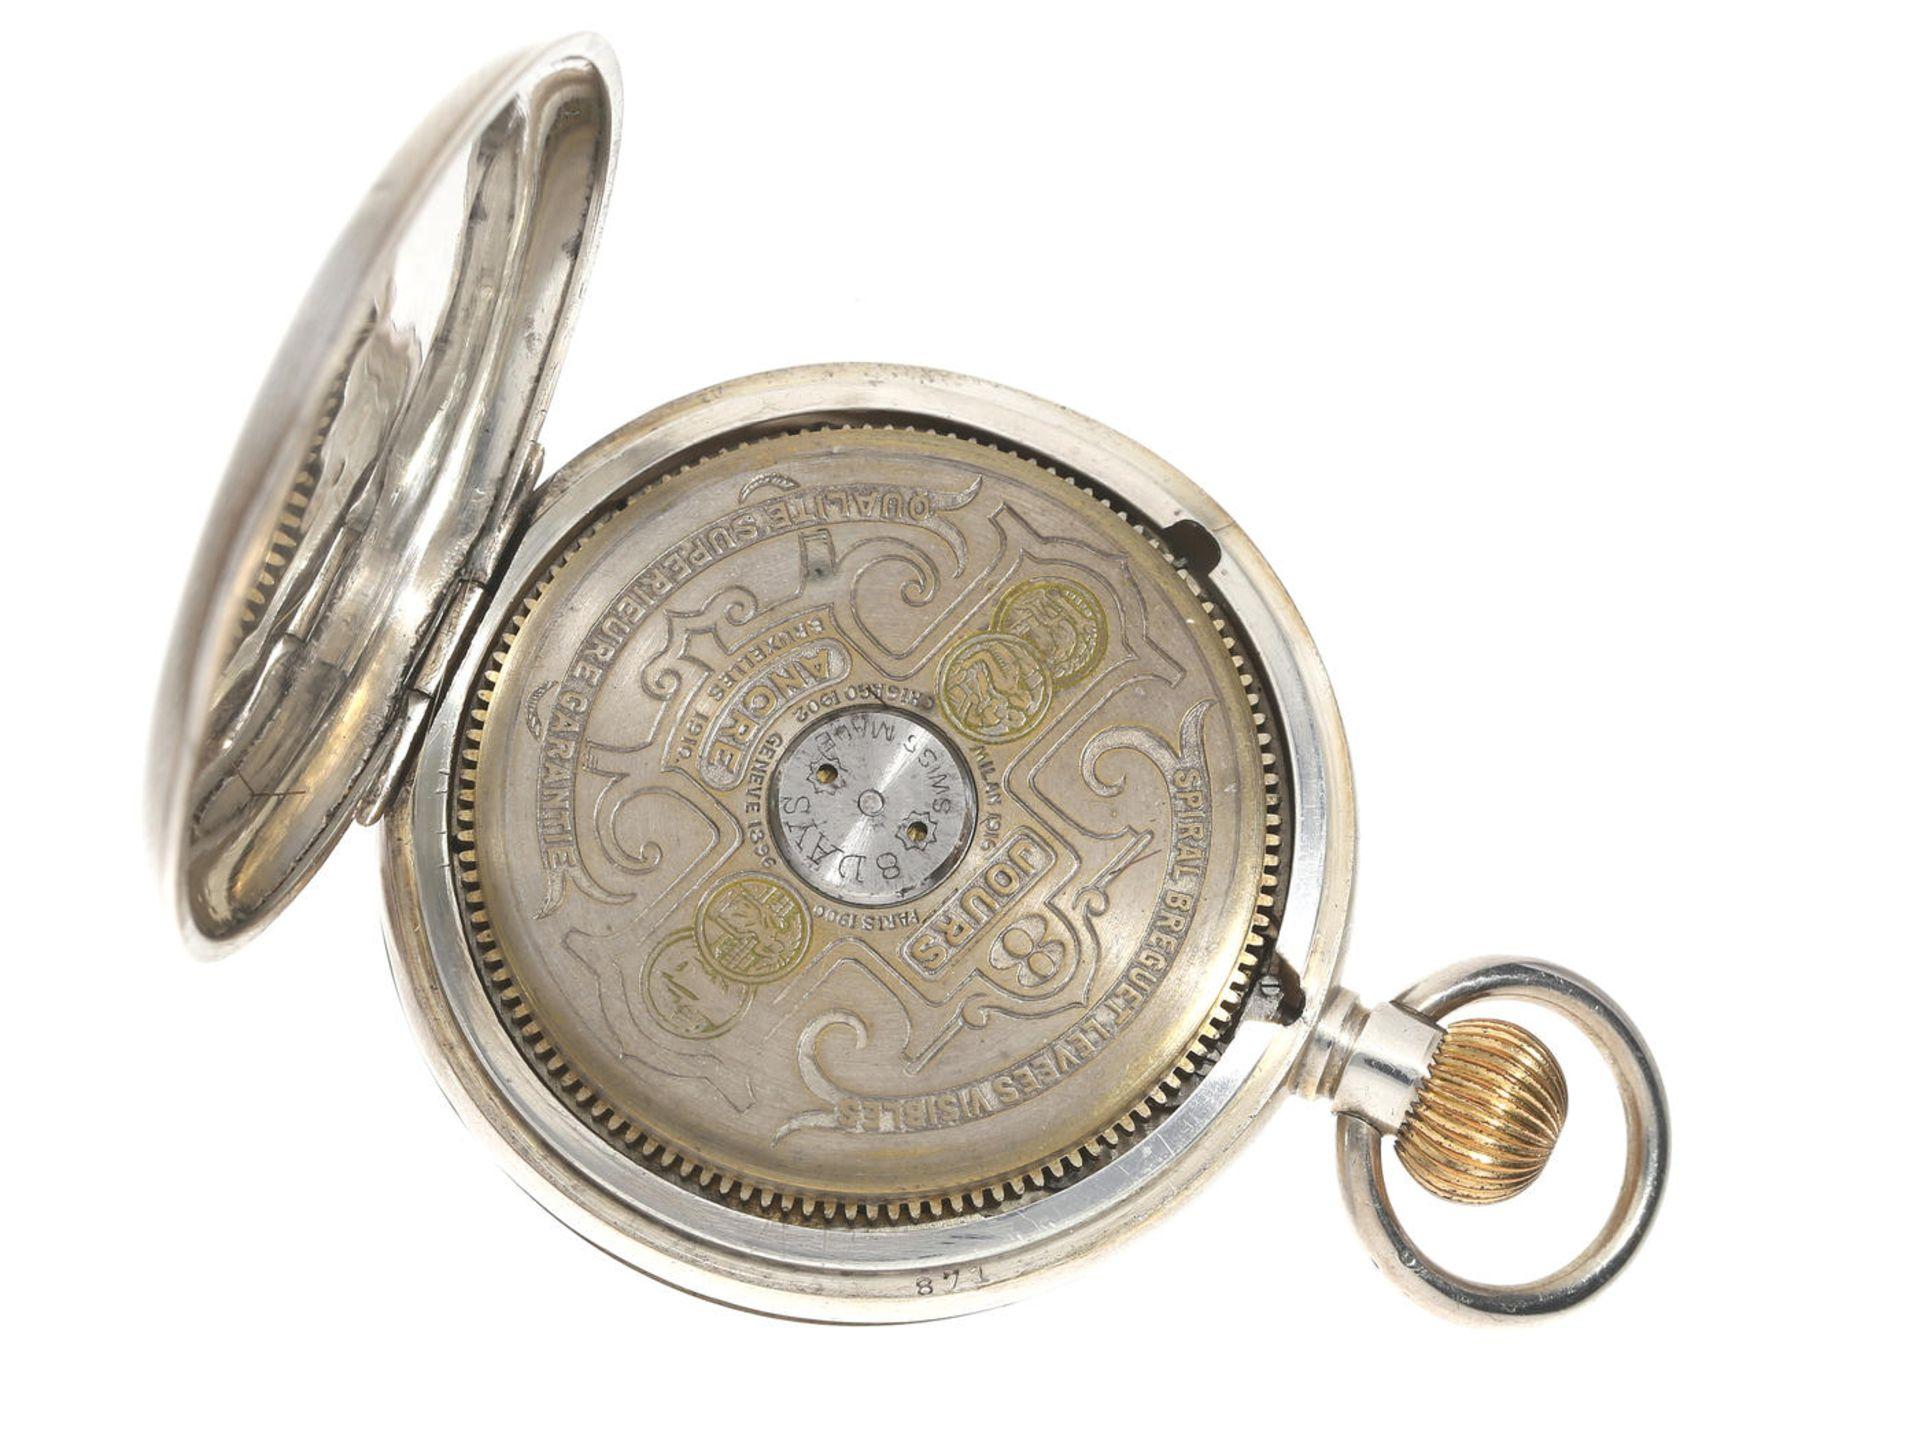 Taschenuhr: Hebdomas 8-Tage-Taschenuhr, um 1920 Ca. Ø48mm, ca. 84g, guillochiertes Silbergehäuse, - Bild 3 aus 3